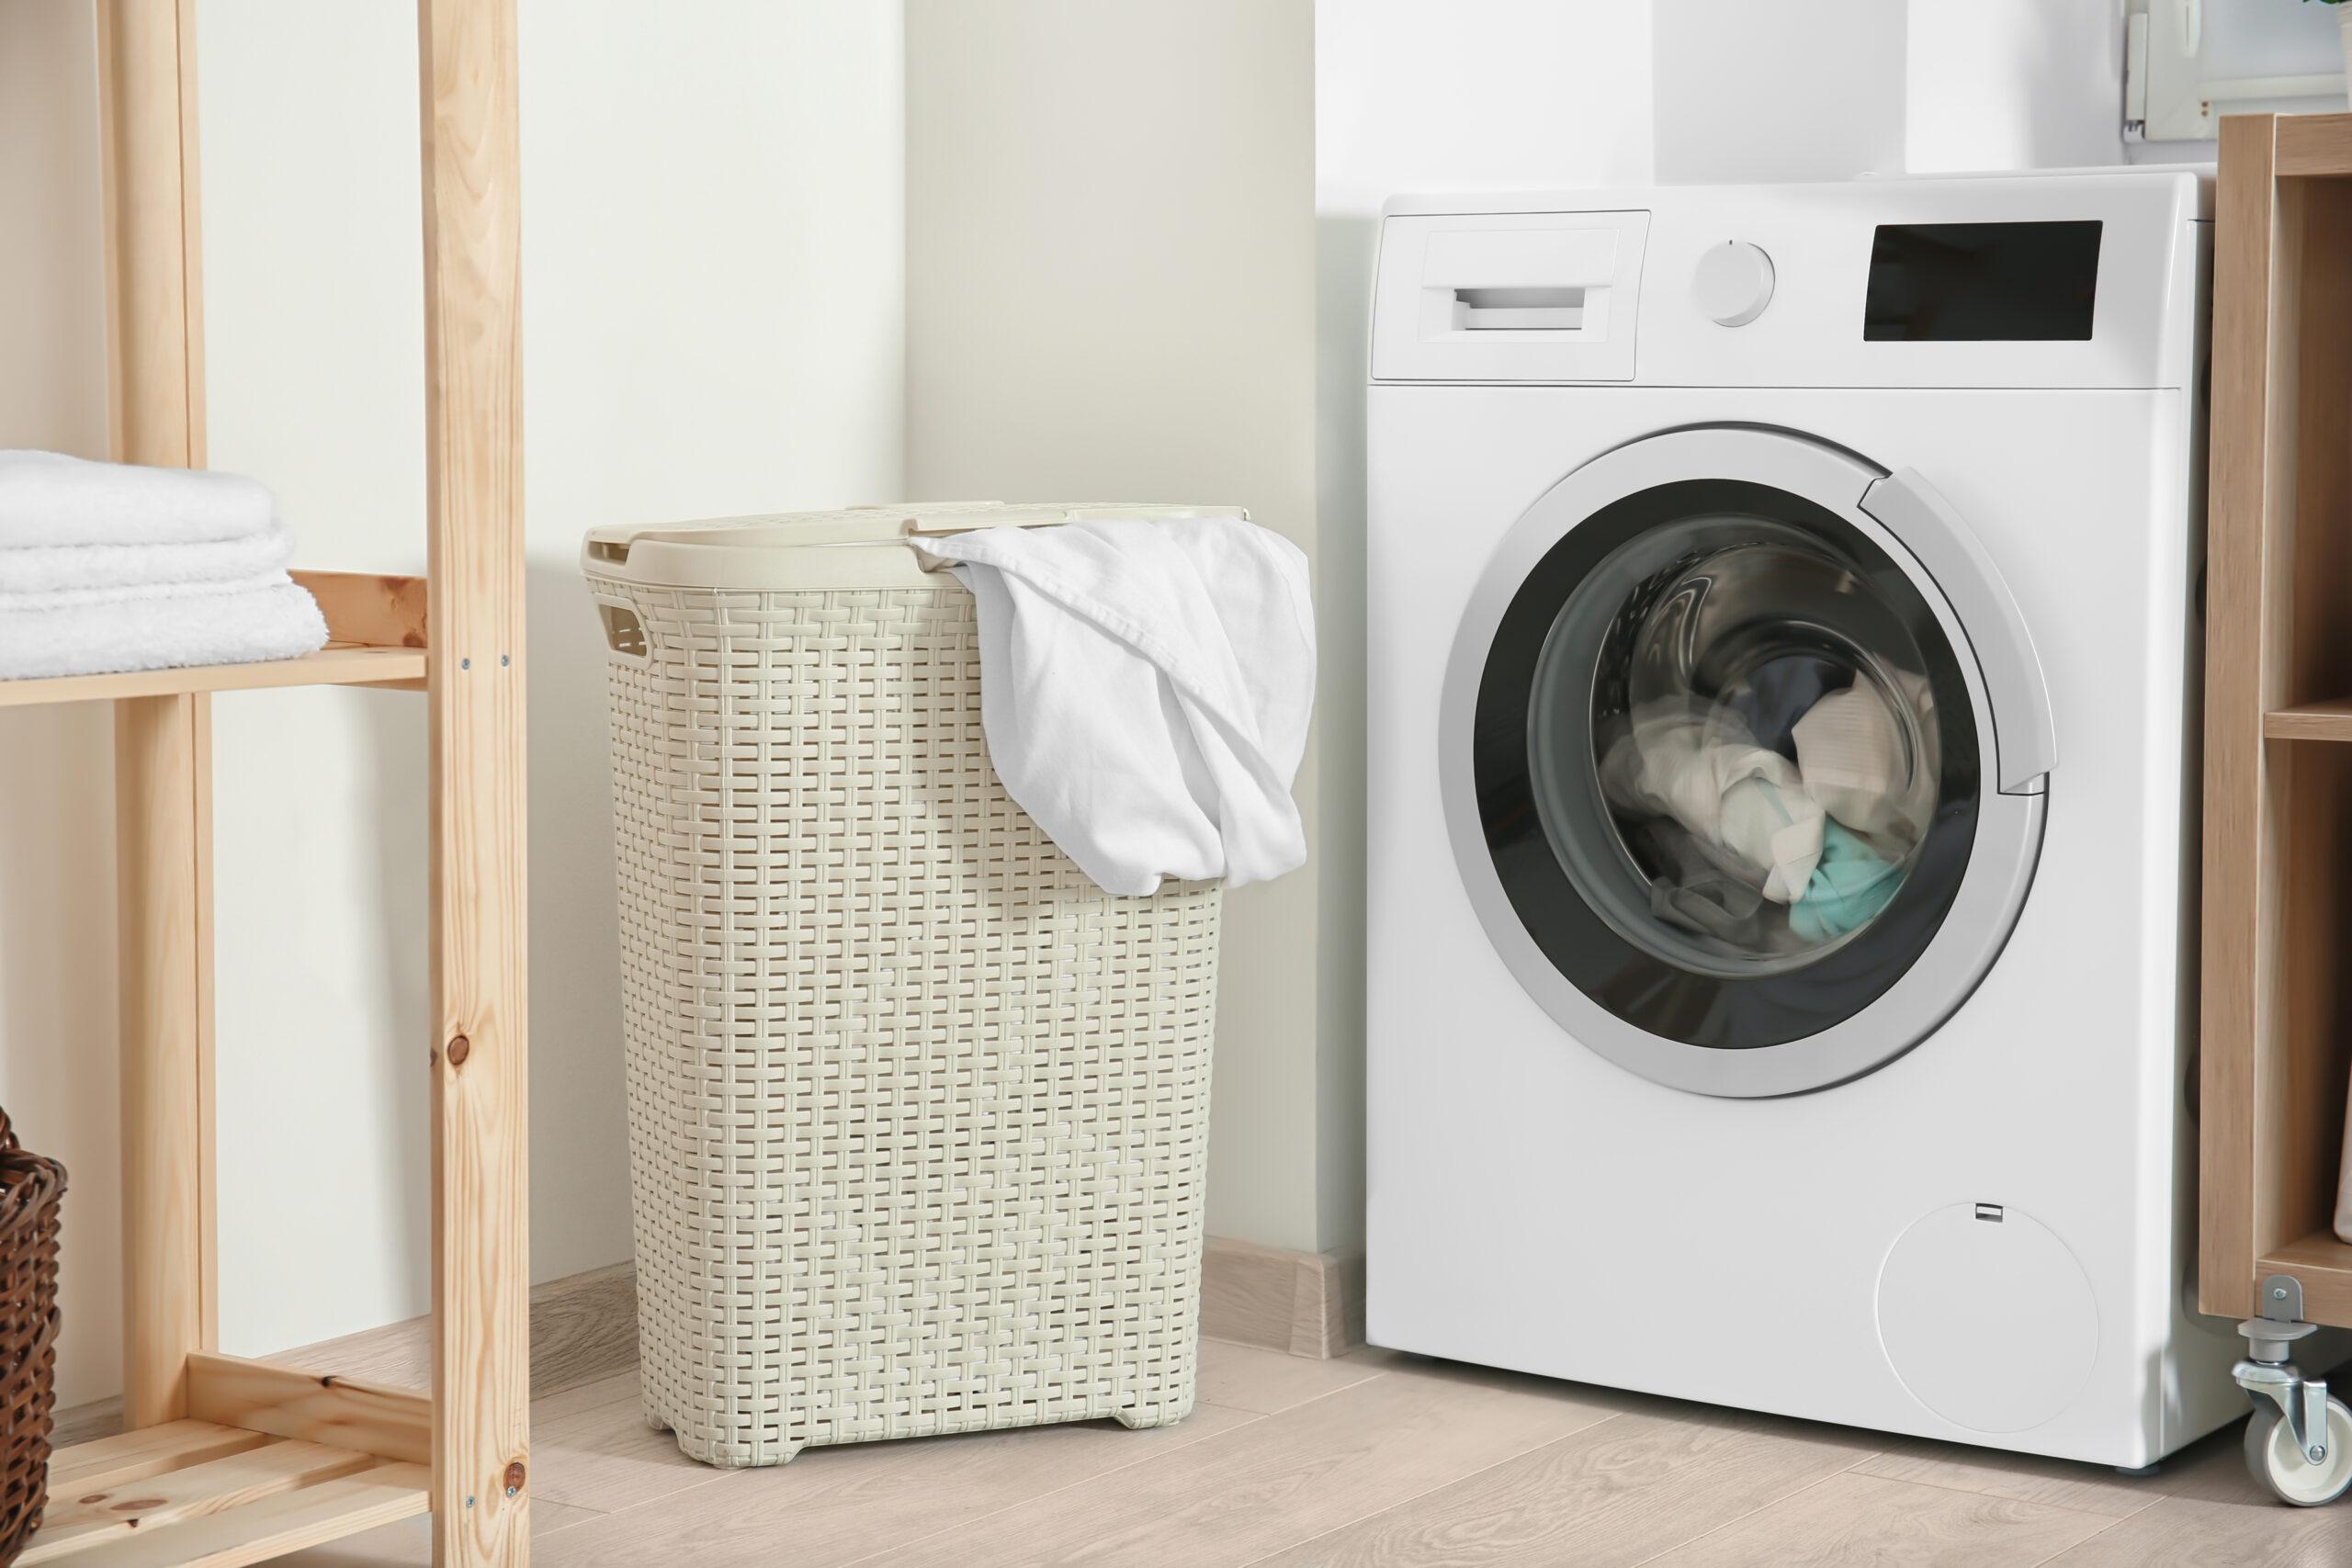 point:洗濯表示は必ず確認する